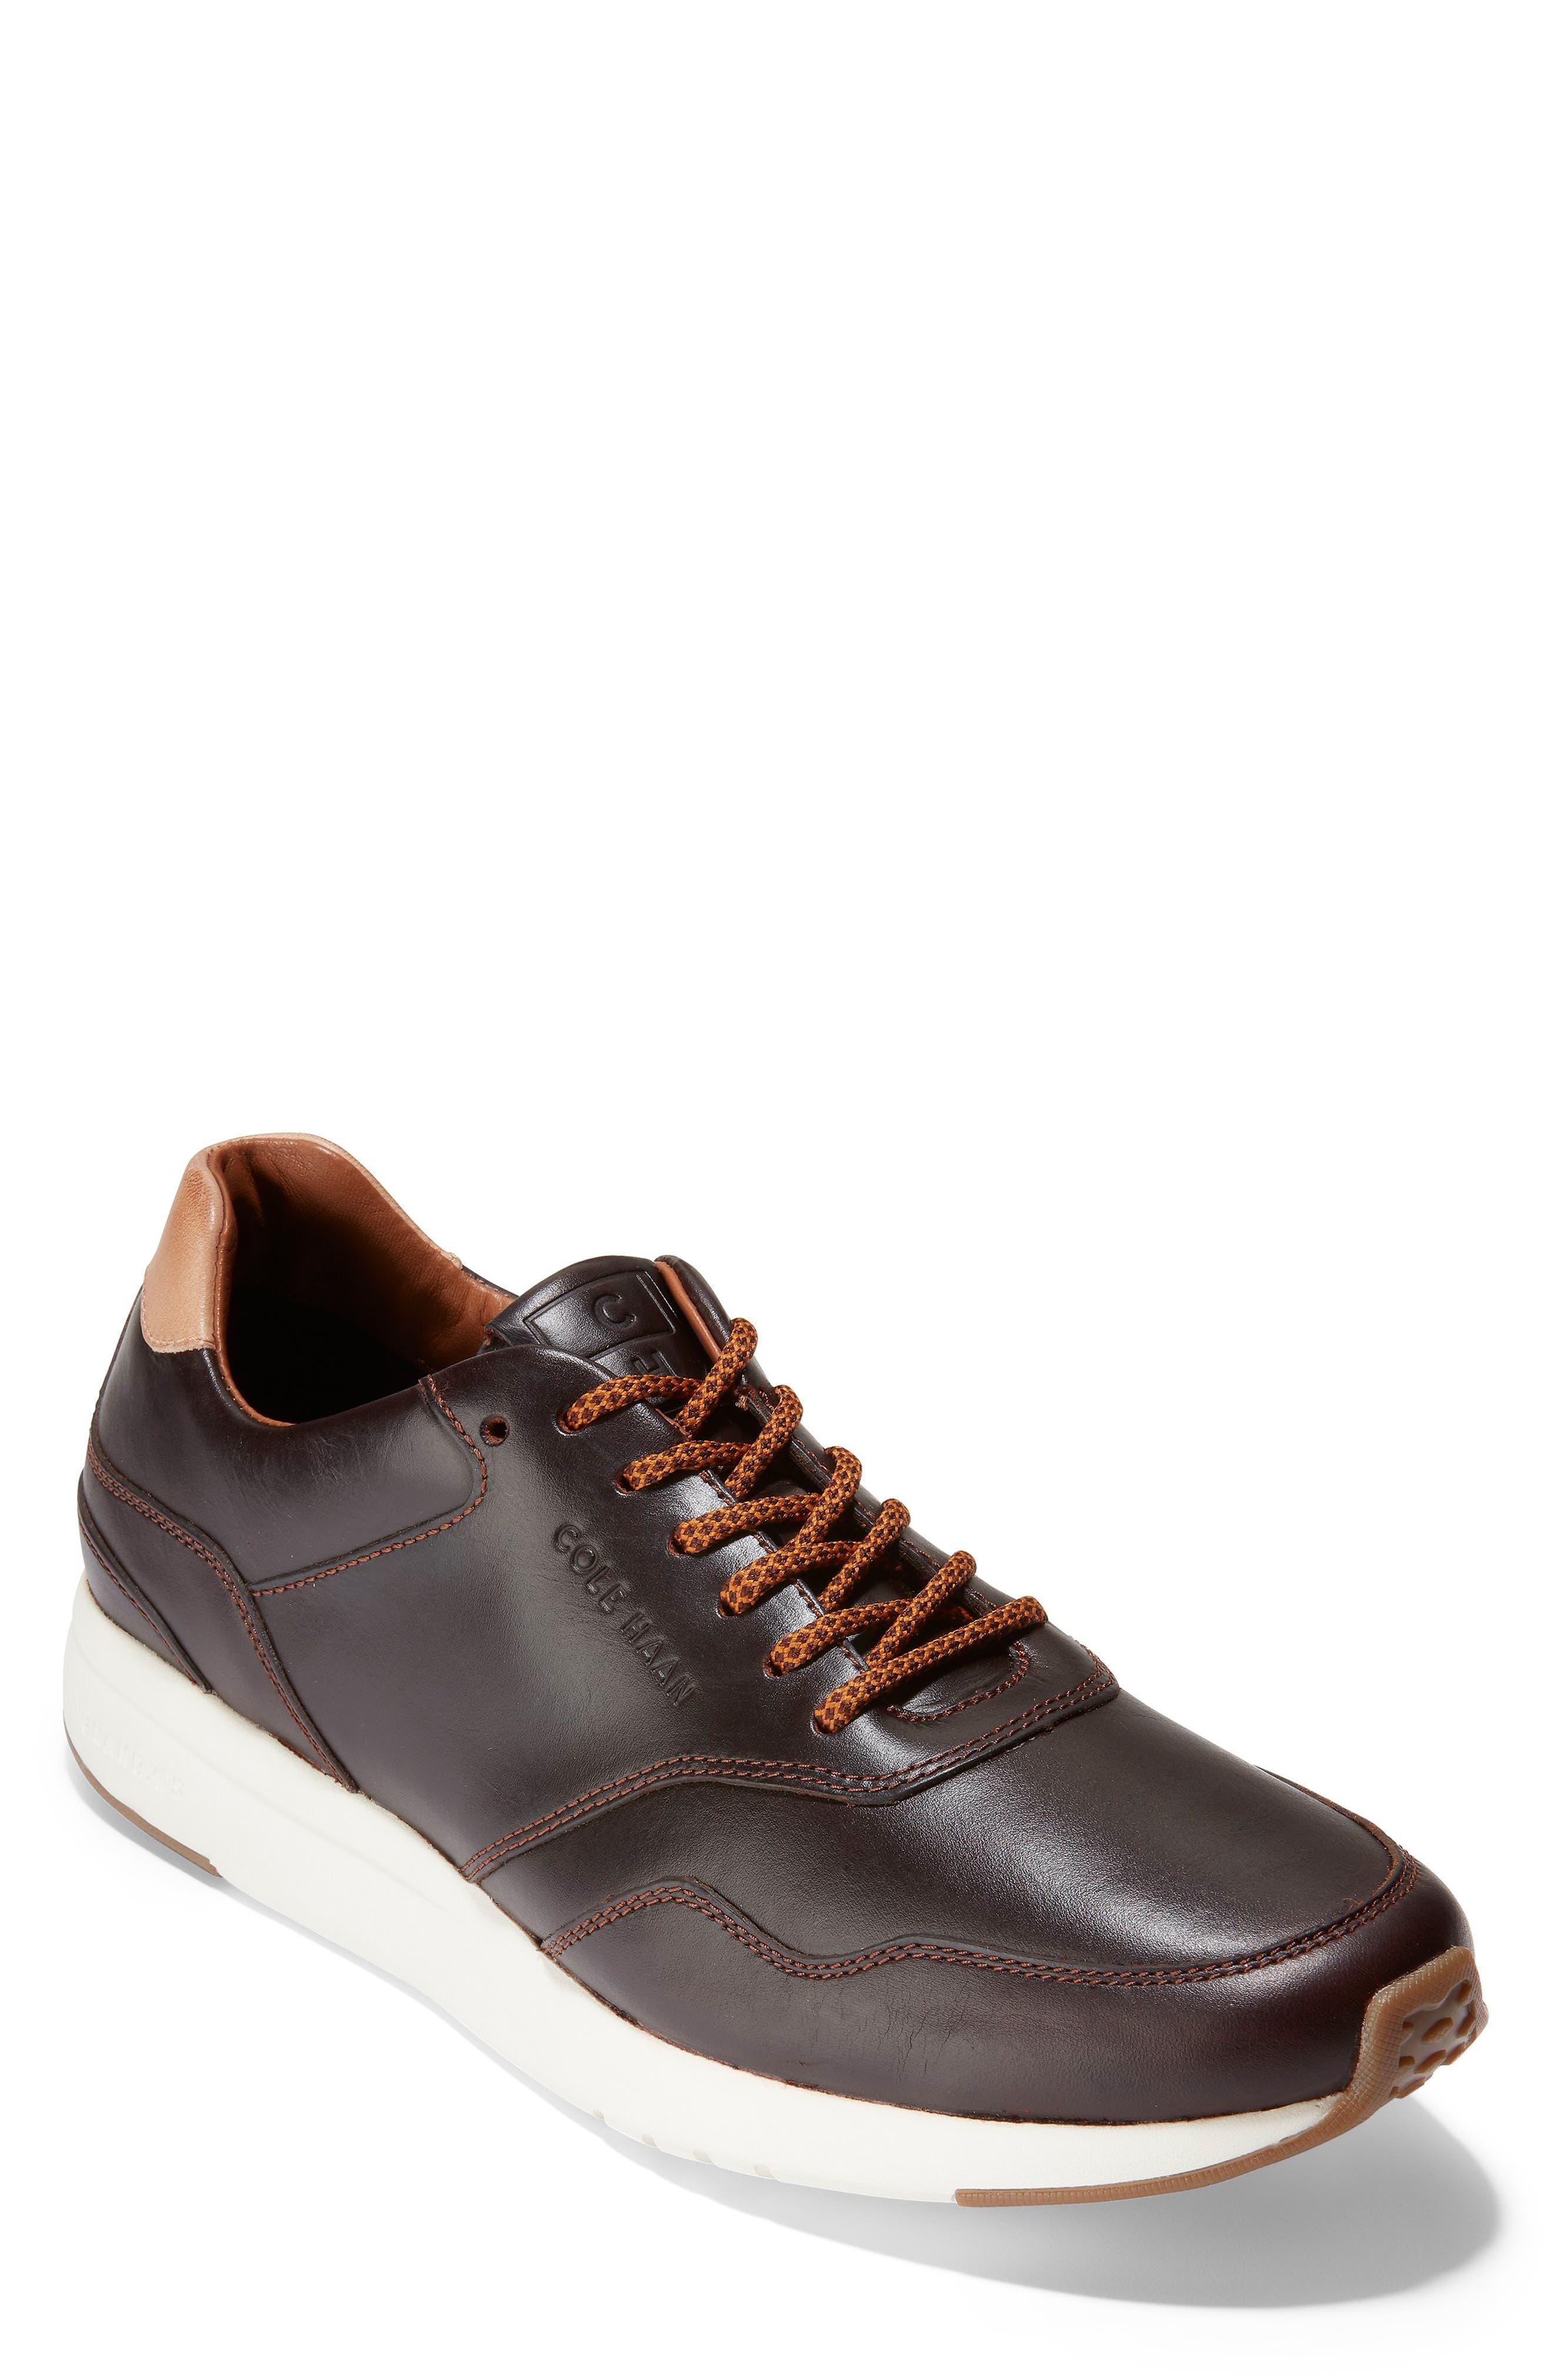 Cole Haan Grandpro Sneaker- Brown